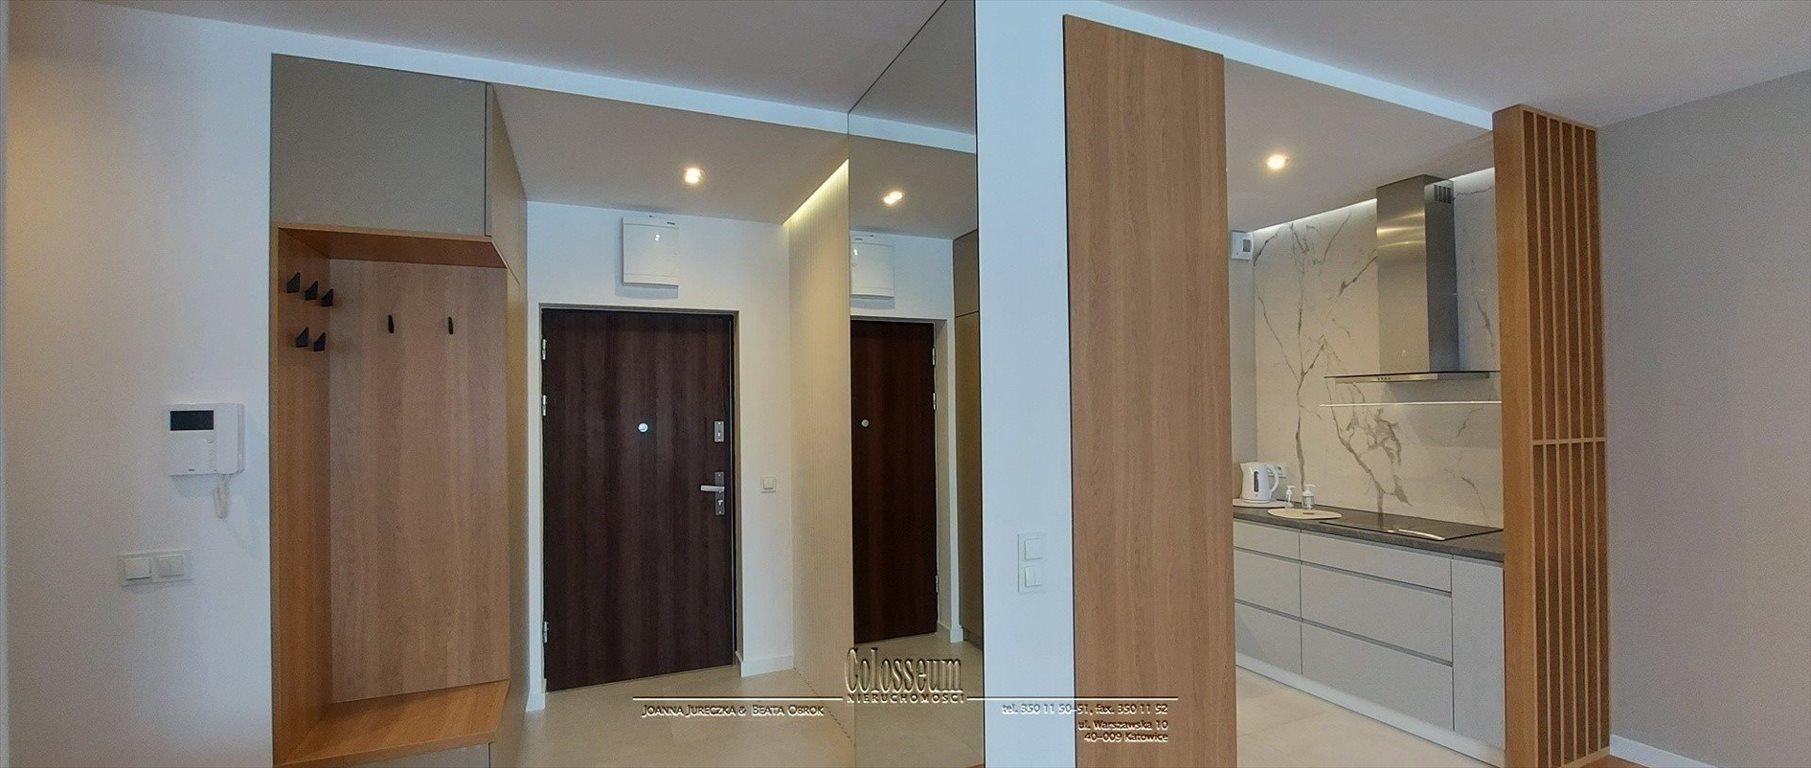 Mieszkanie dwupokojowe na sprzedaż Katowice, Dolina Trzech Stawów, Gen. Władysława Sikorskiego  59m2 Foto 10